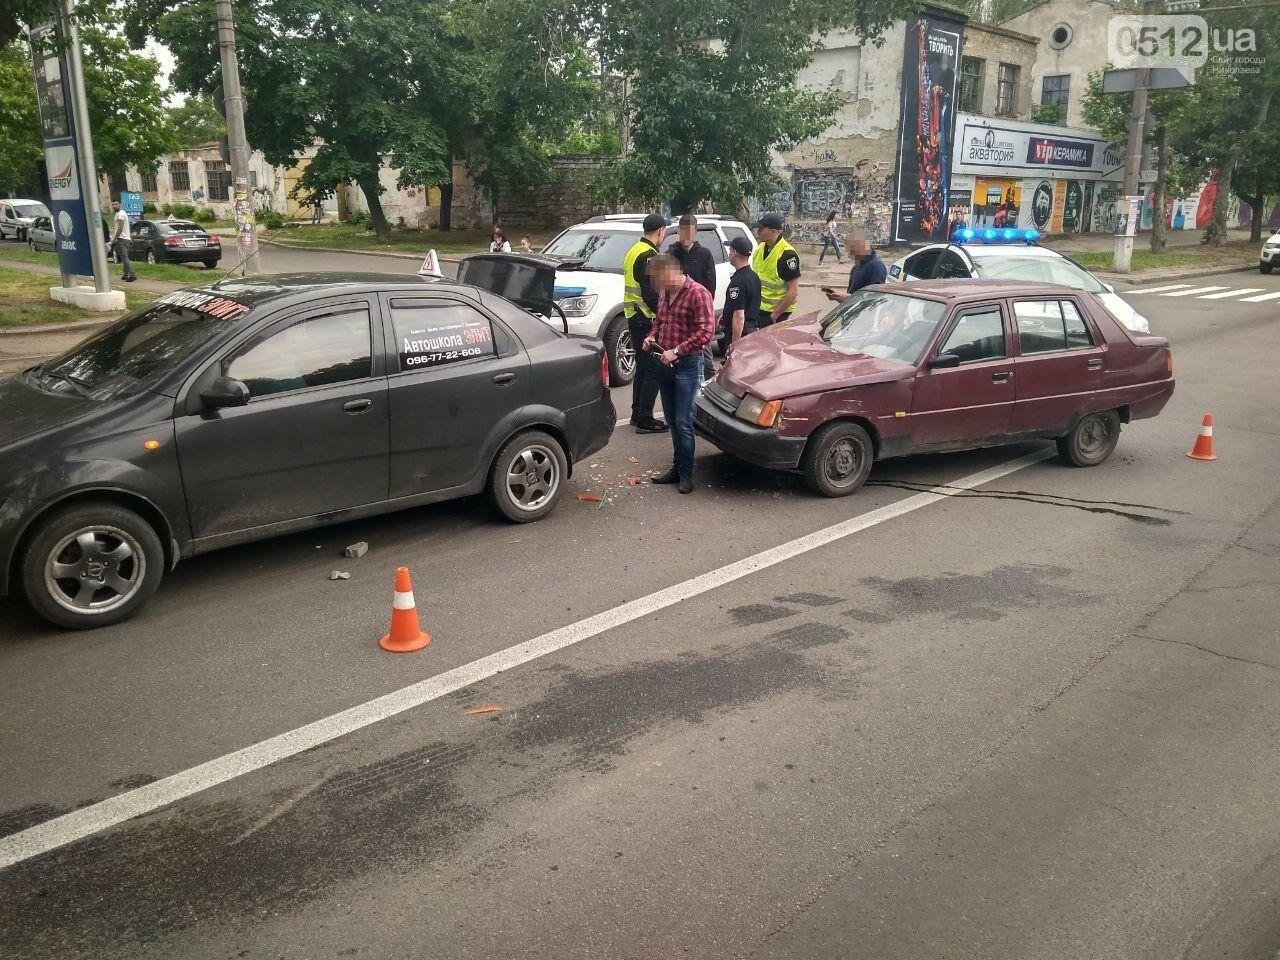 В центре Николаева произошла авария с участием автомобиля автошколы, - ФОТО, фото-7